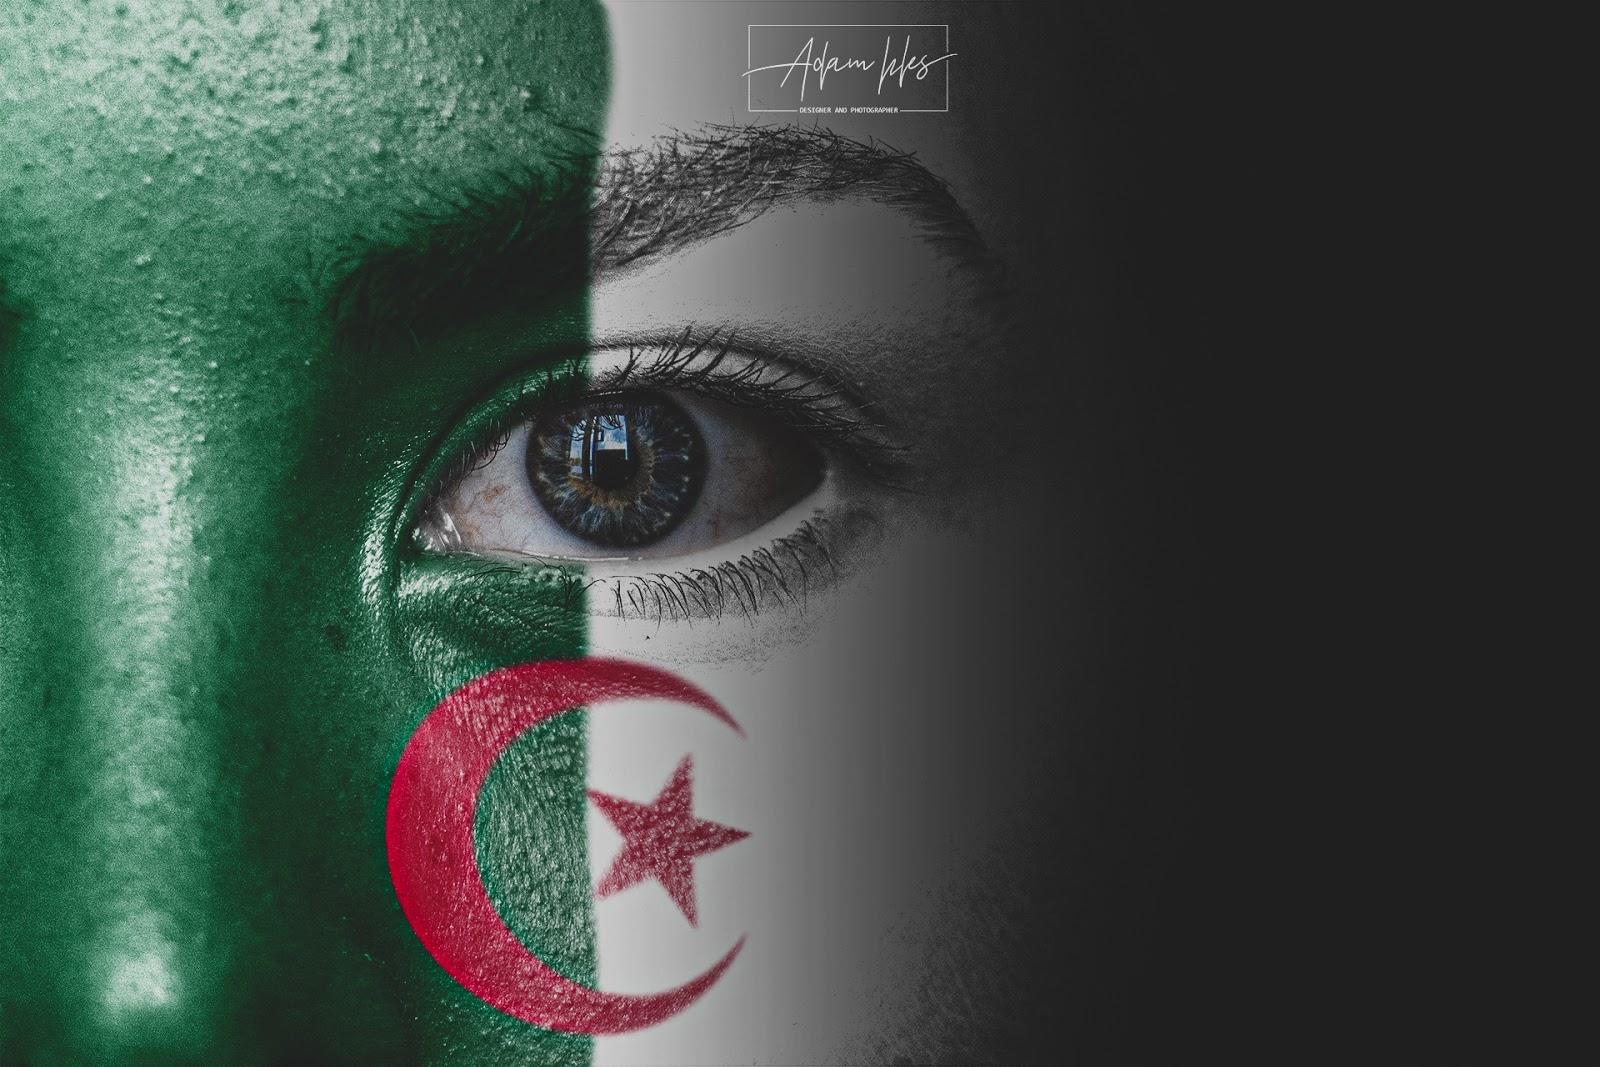 تحميل صور علم الجزائر